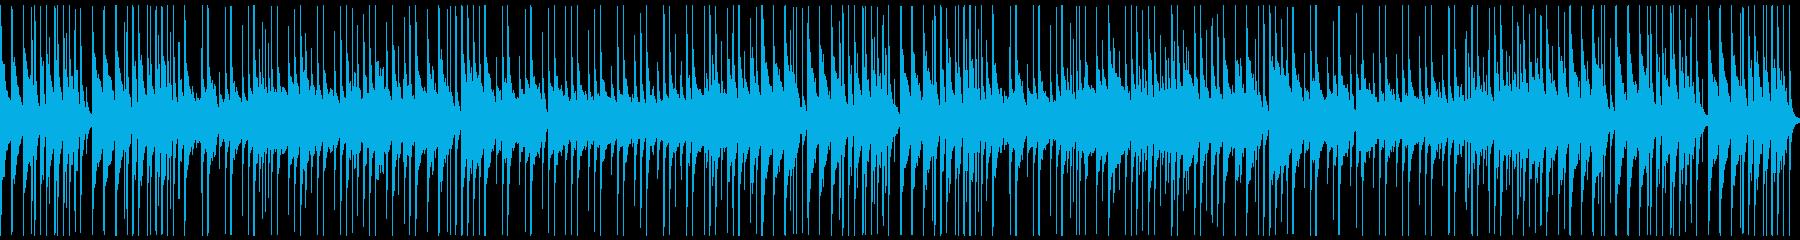 自然と祭りをイメージした日本民謡風の楽曲の再生済みの波形